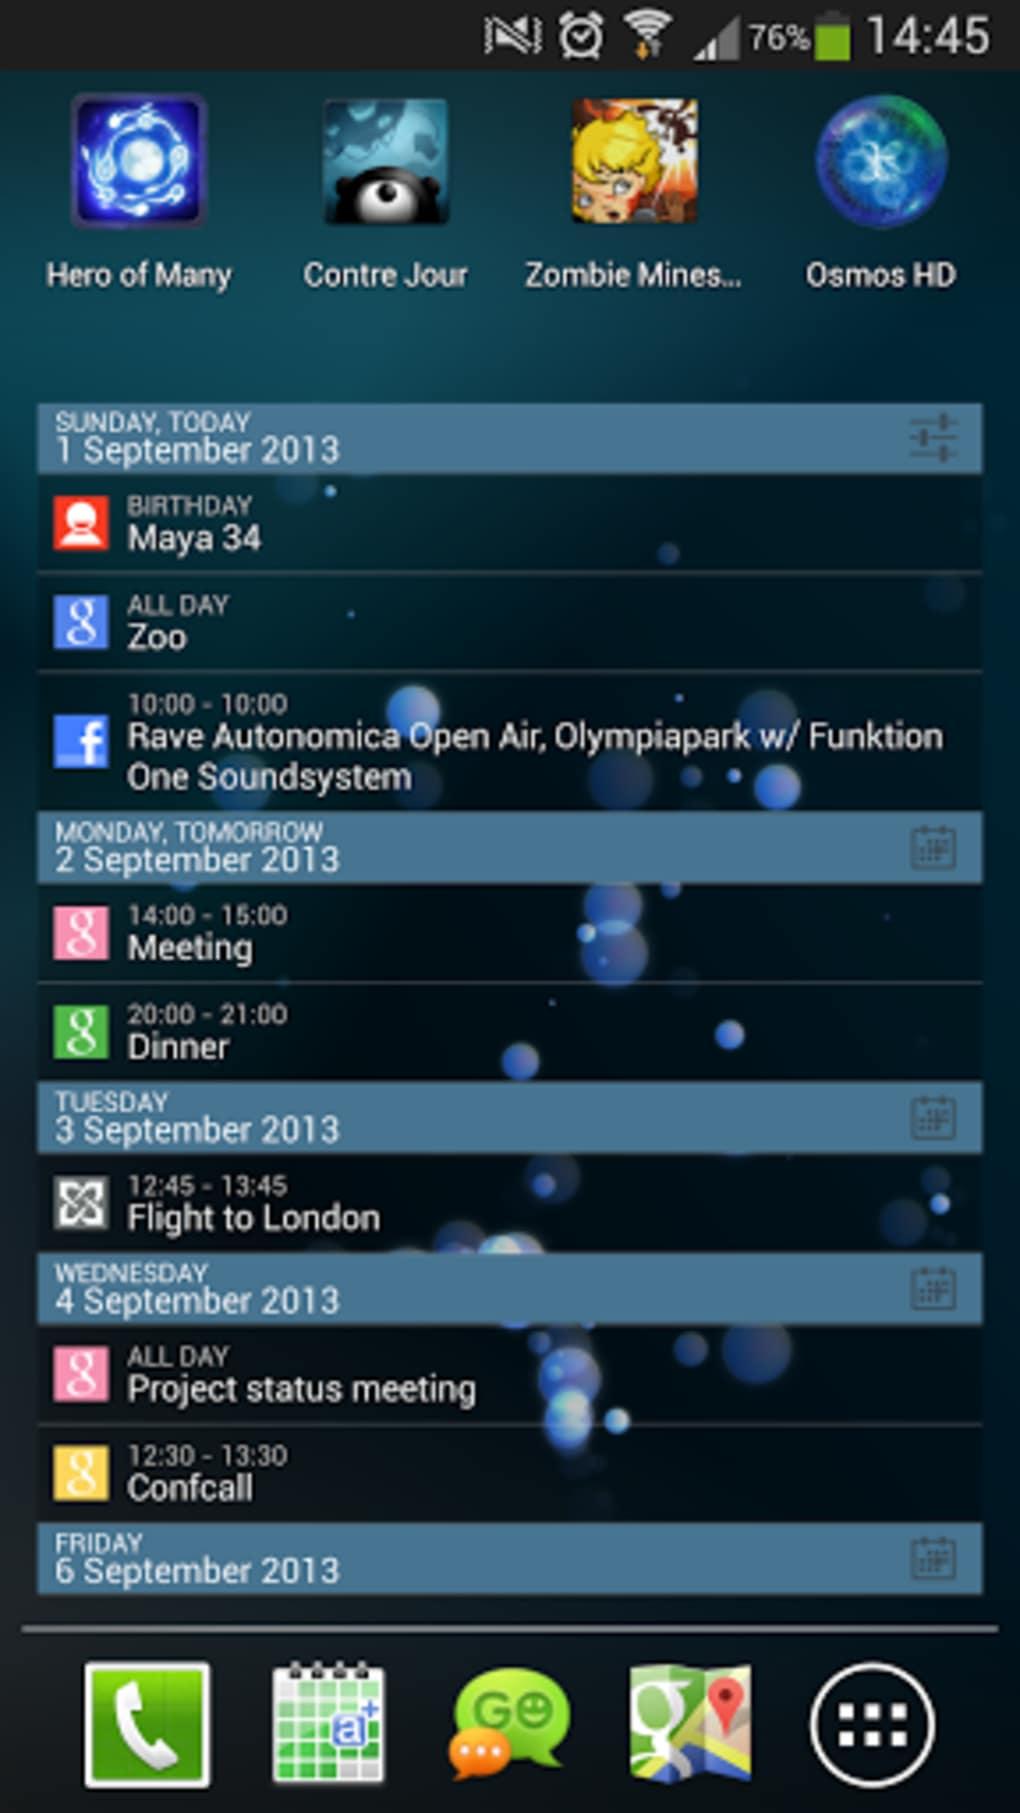 Calendario Android.Acalendar Para Android Descargar